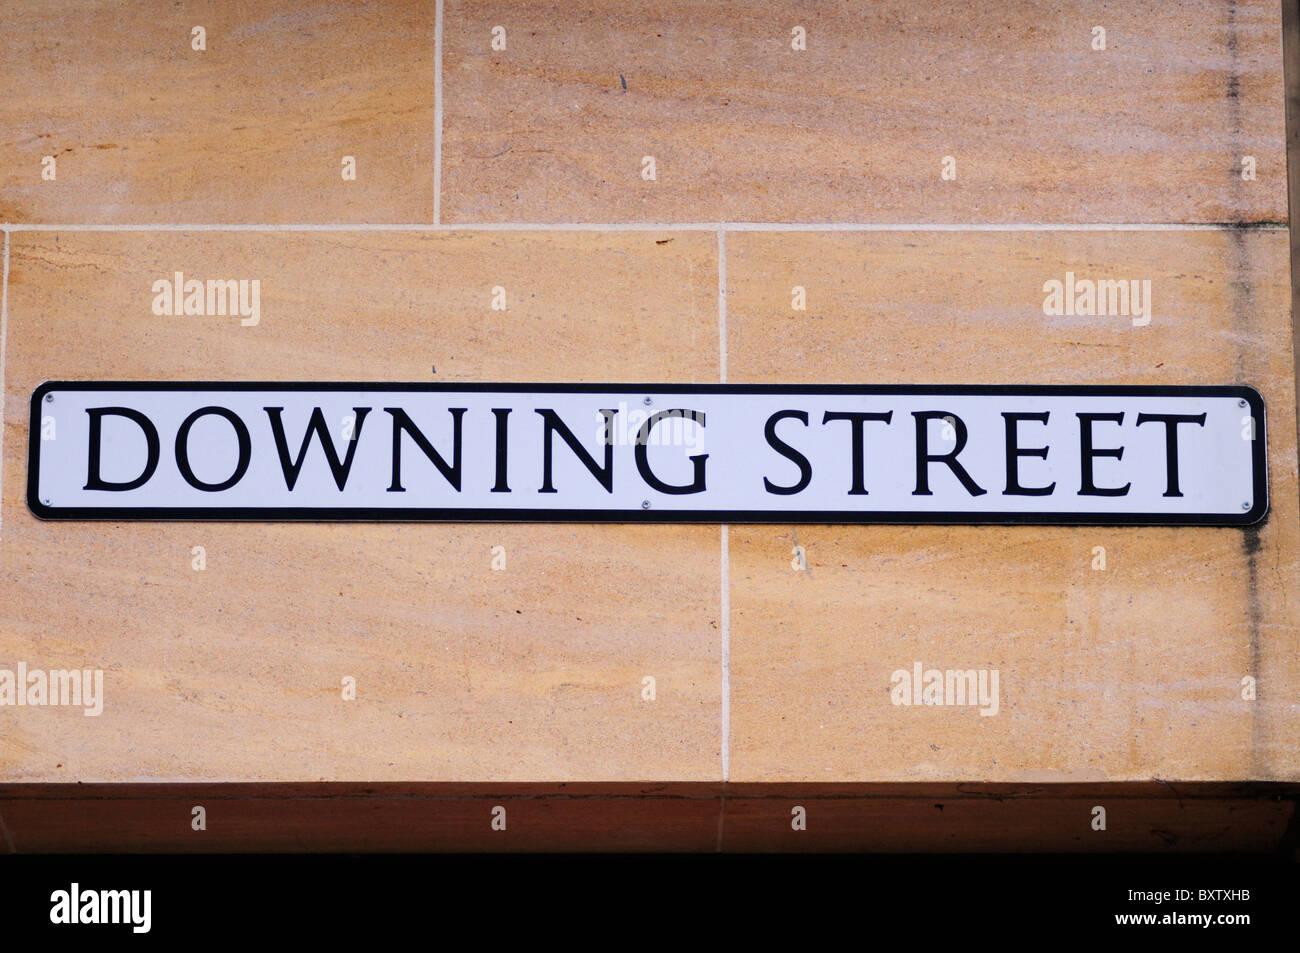 Downing Street Sign, Cambridge, England, UK - Stock Image